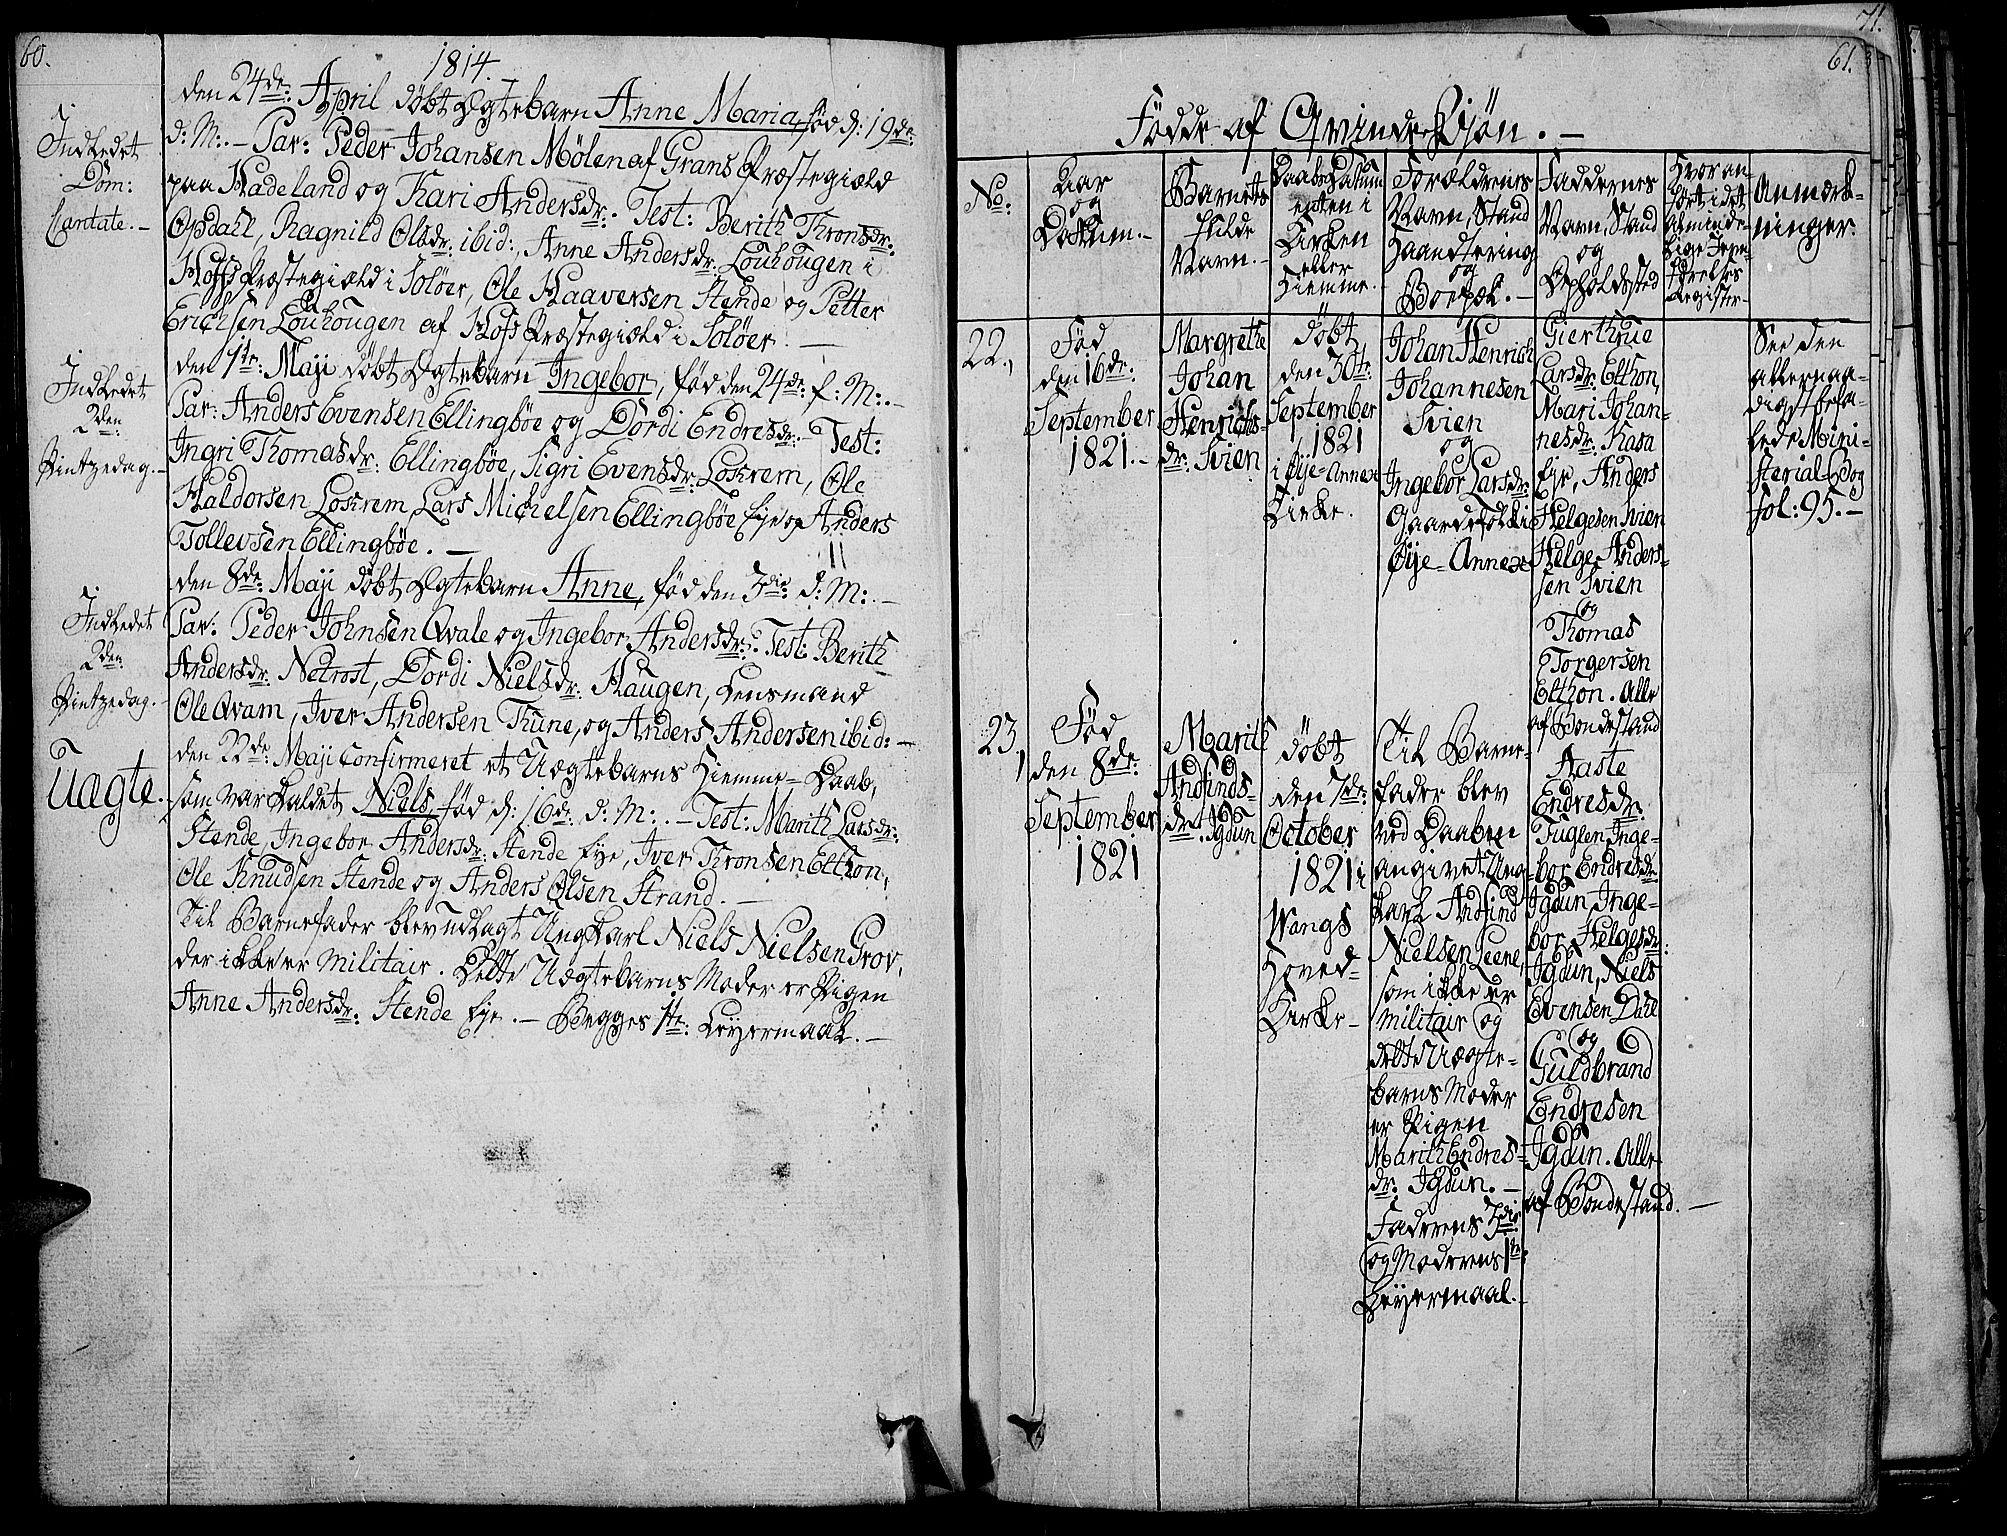 SAH, Vang prestekontor, Valdres, Ministerialbok nr. 3, 1809-1831, s. 60-61